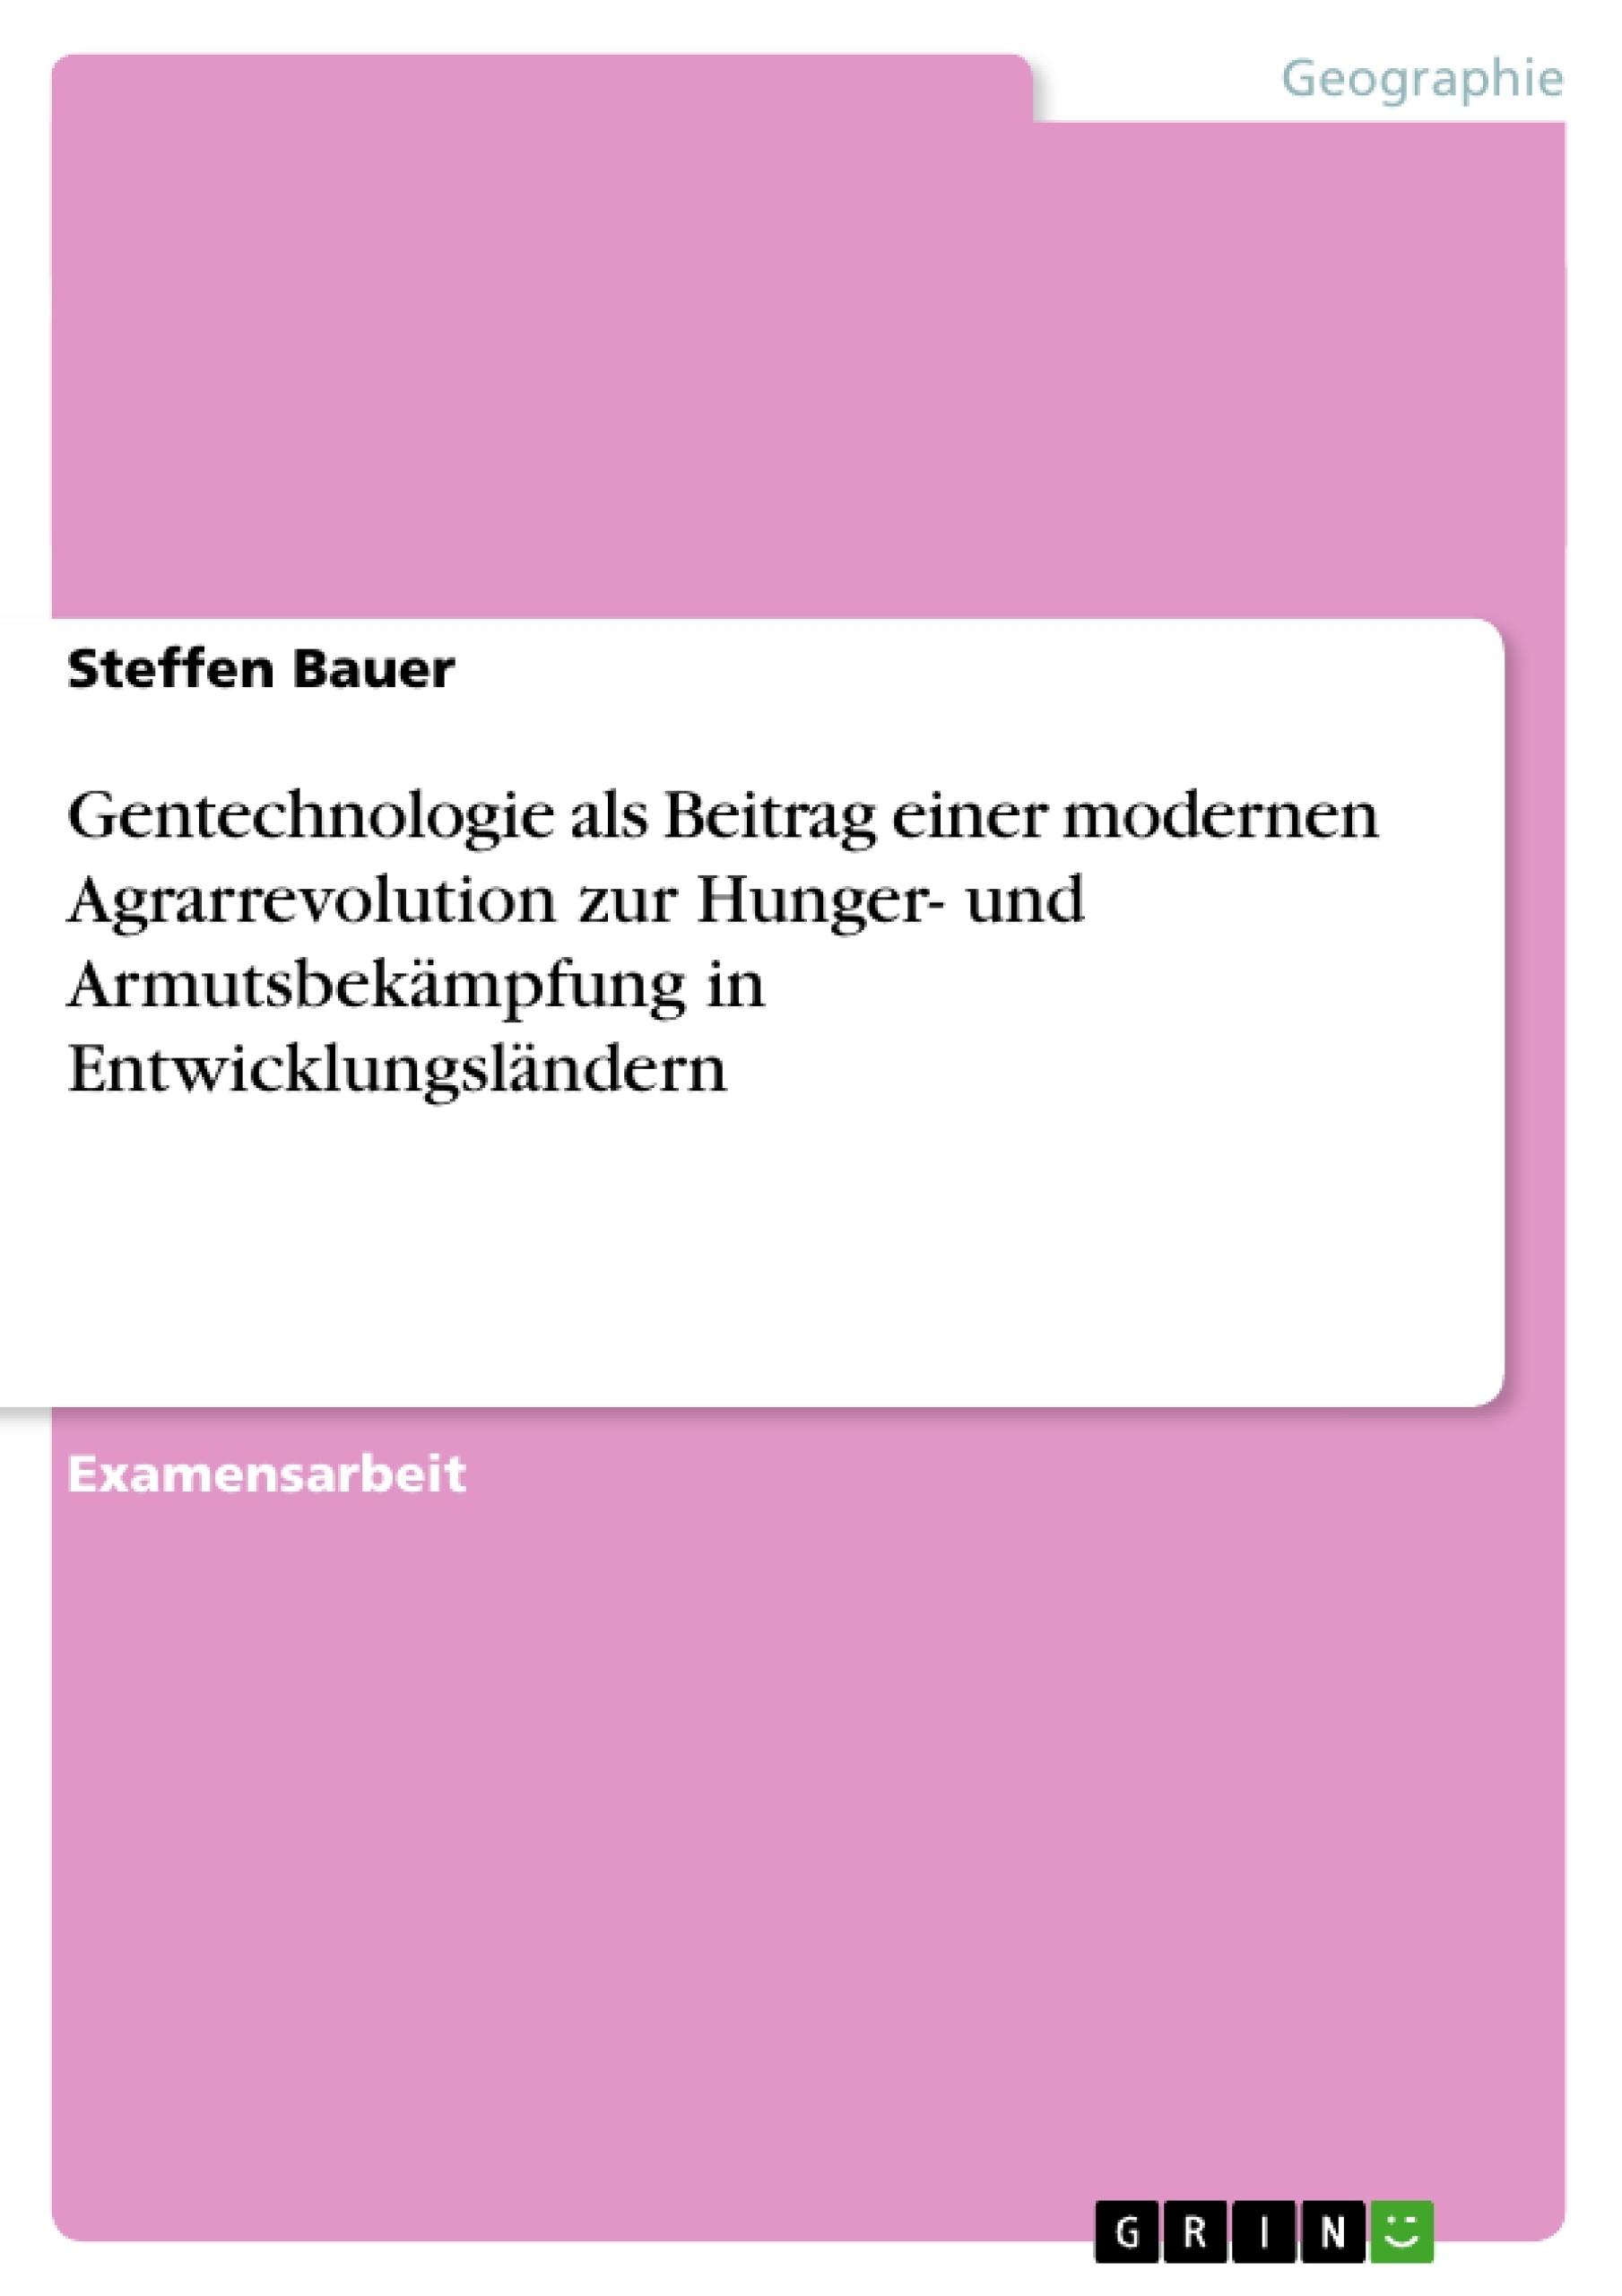 Titel: Gentechnologie als Beitrag einer modernen Agrarrevolution zur Hunger- und Armutsbekämpfung in Entwicklungsländern